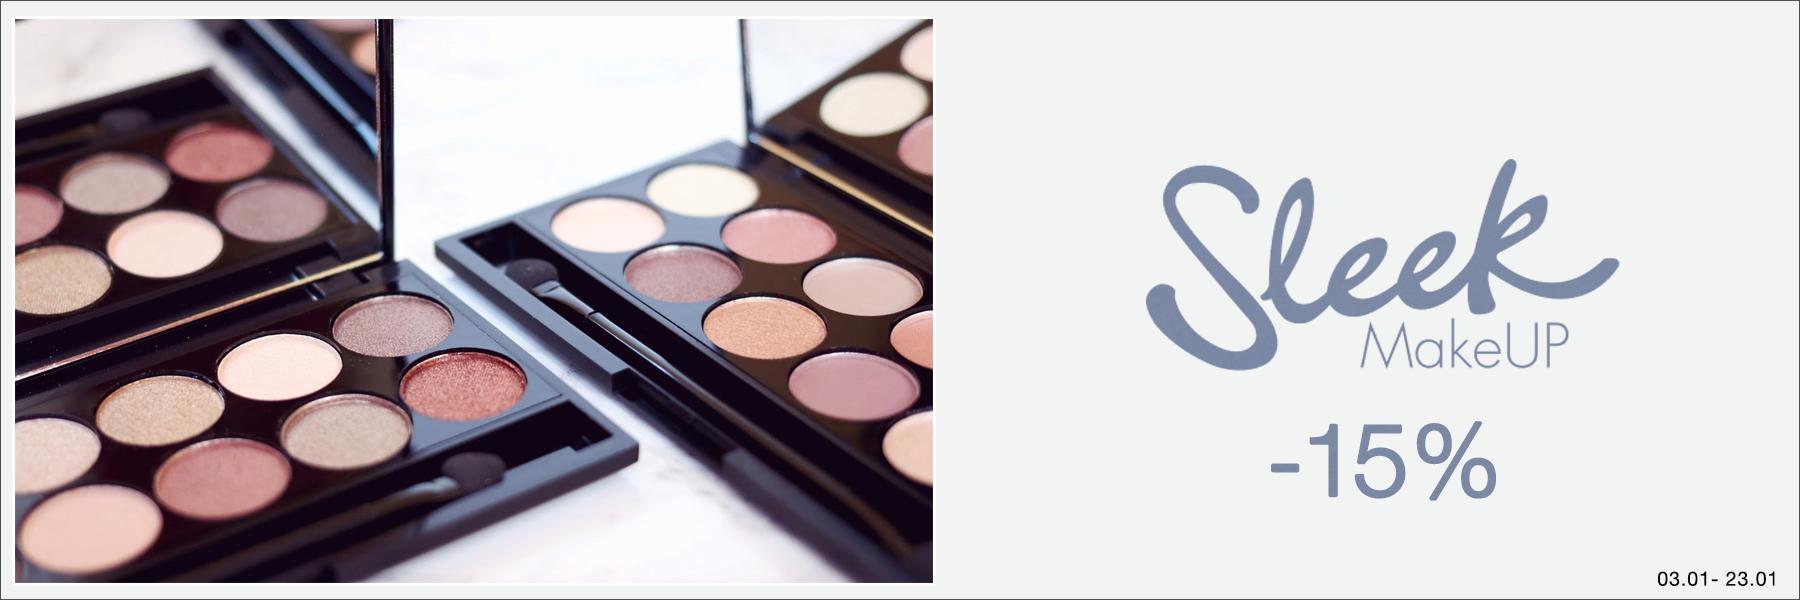 Sleek Makeup -15%